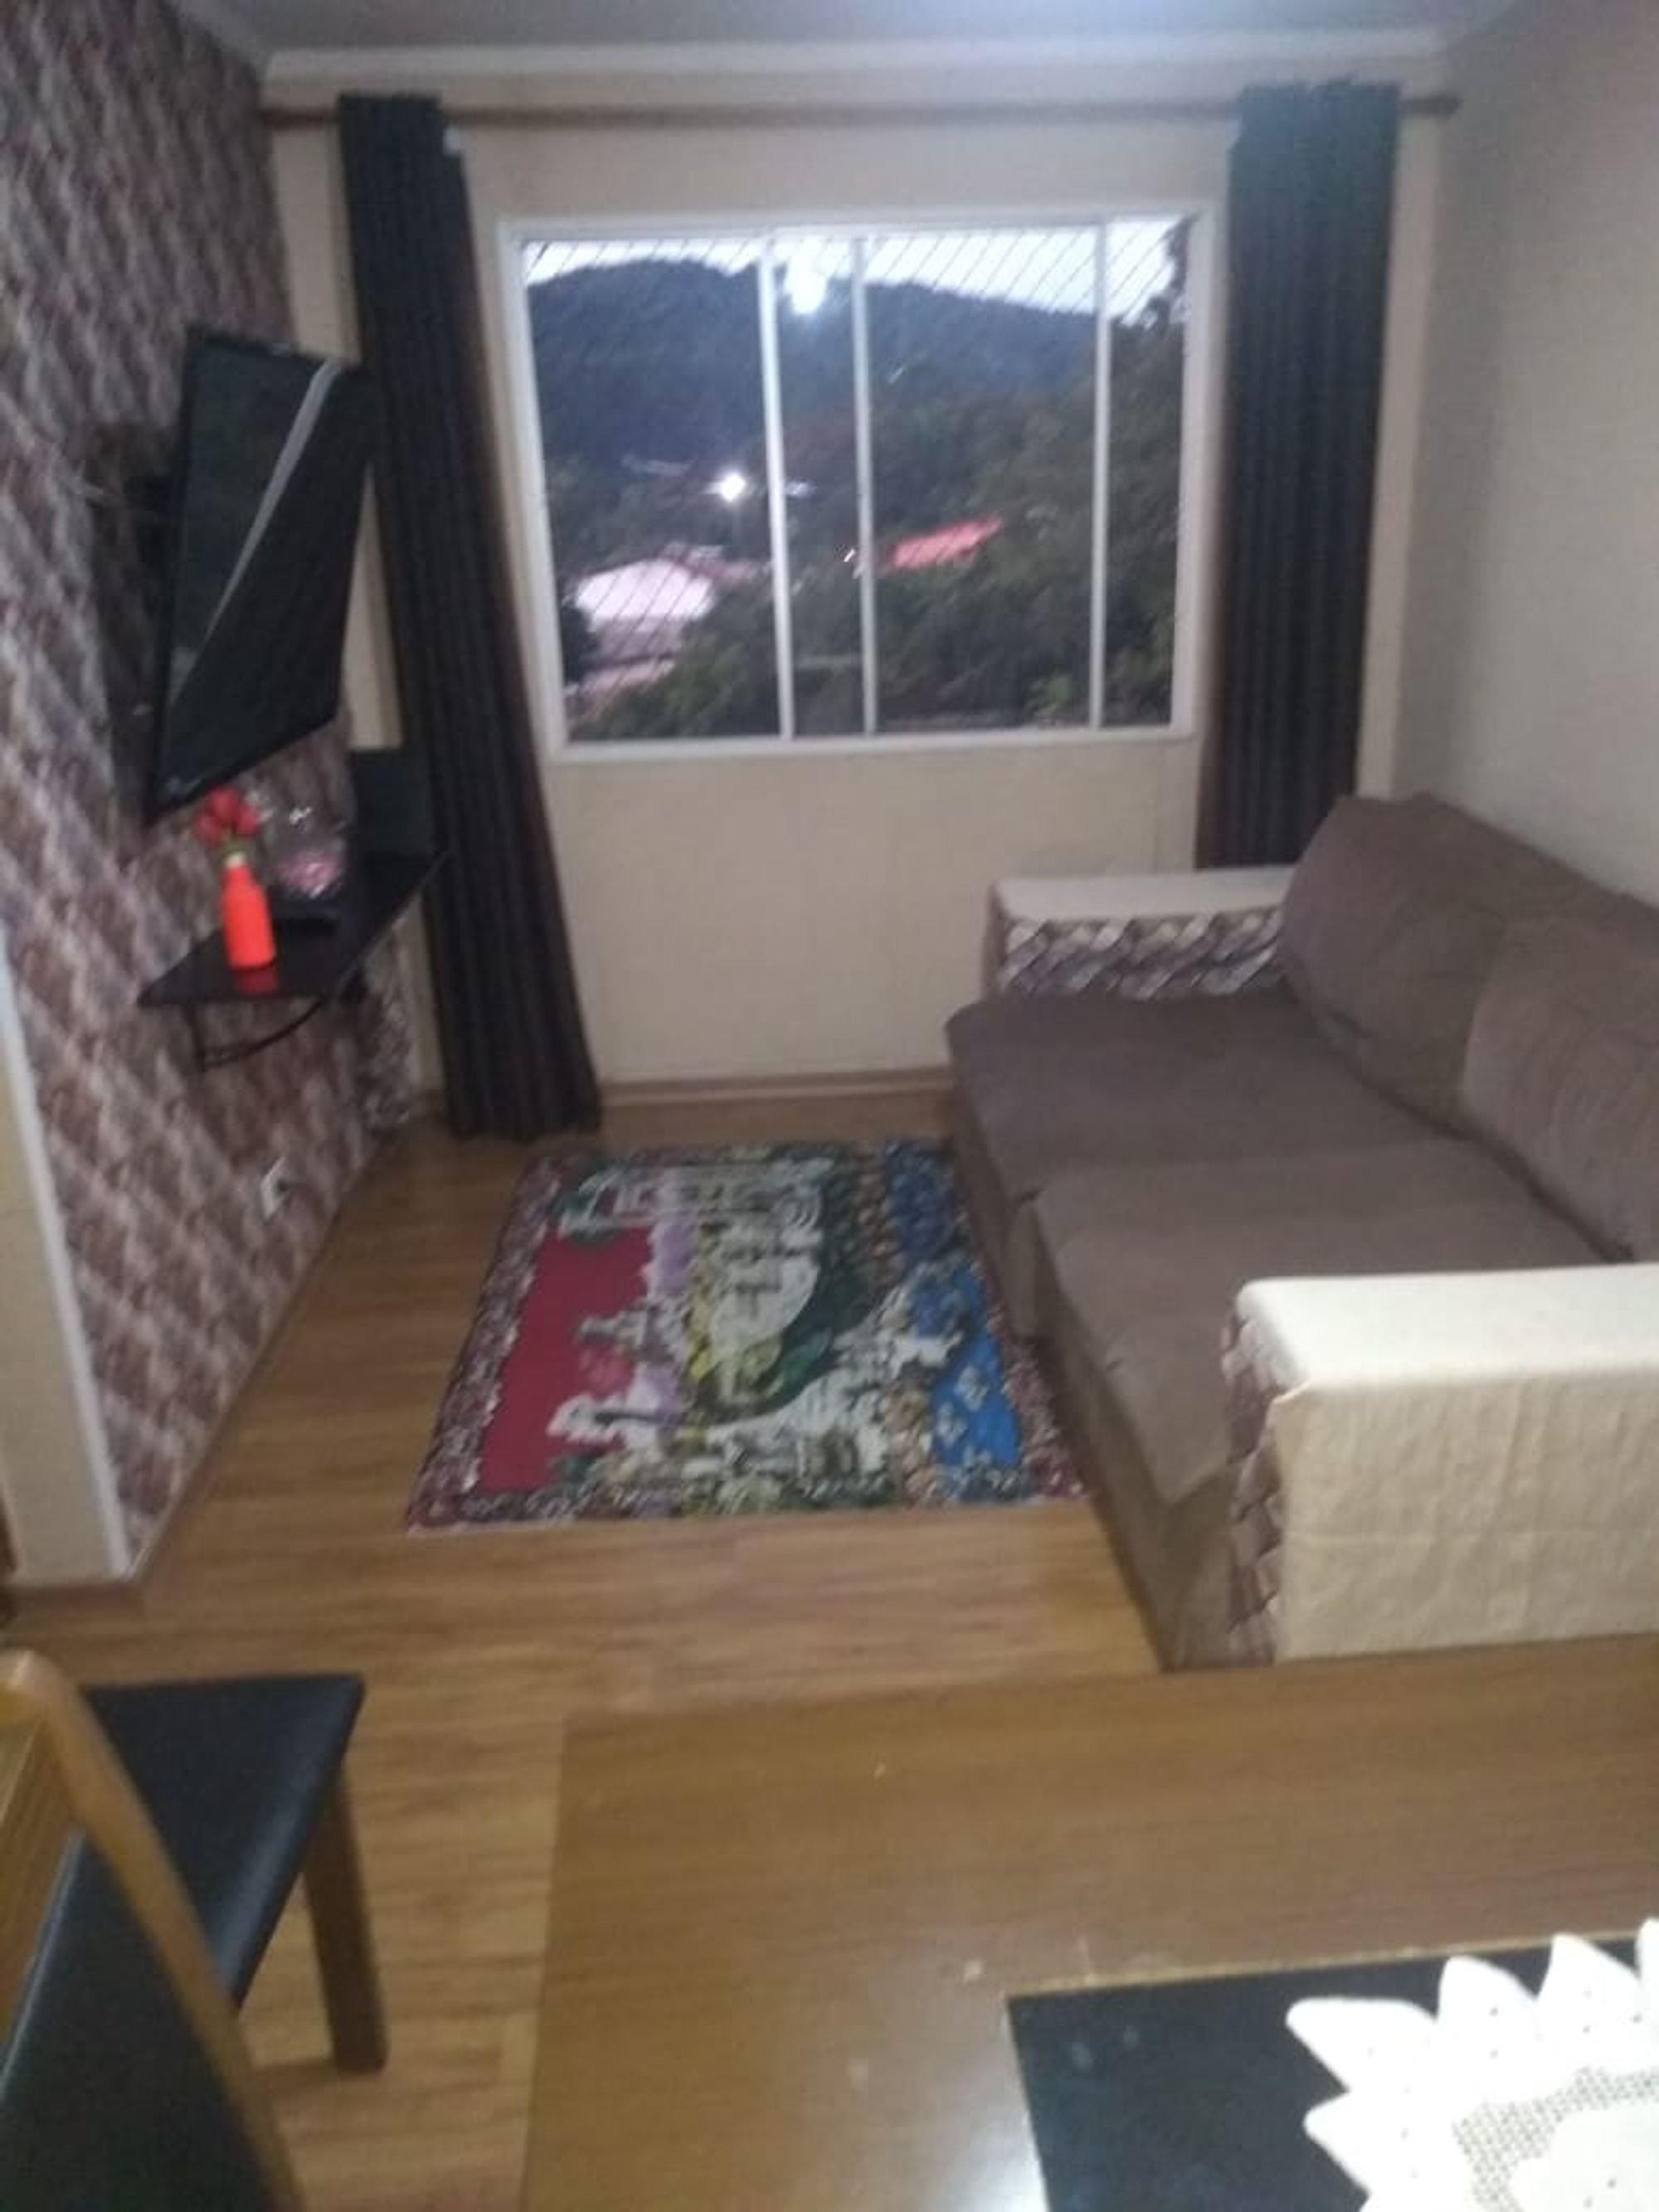 Foto de Sala com sofá, garrafa